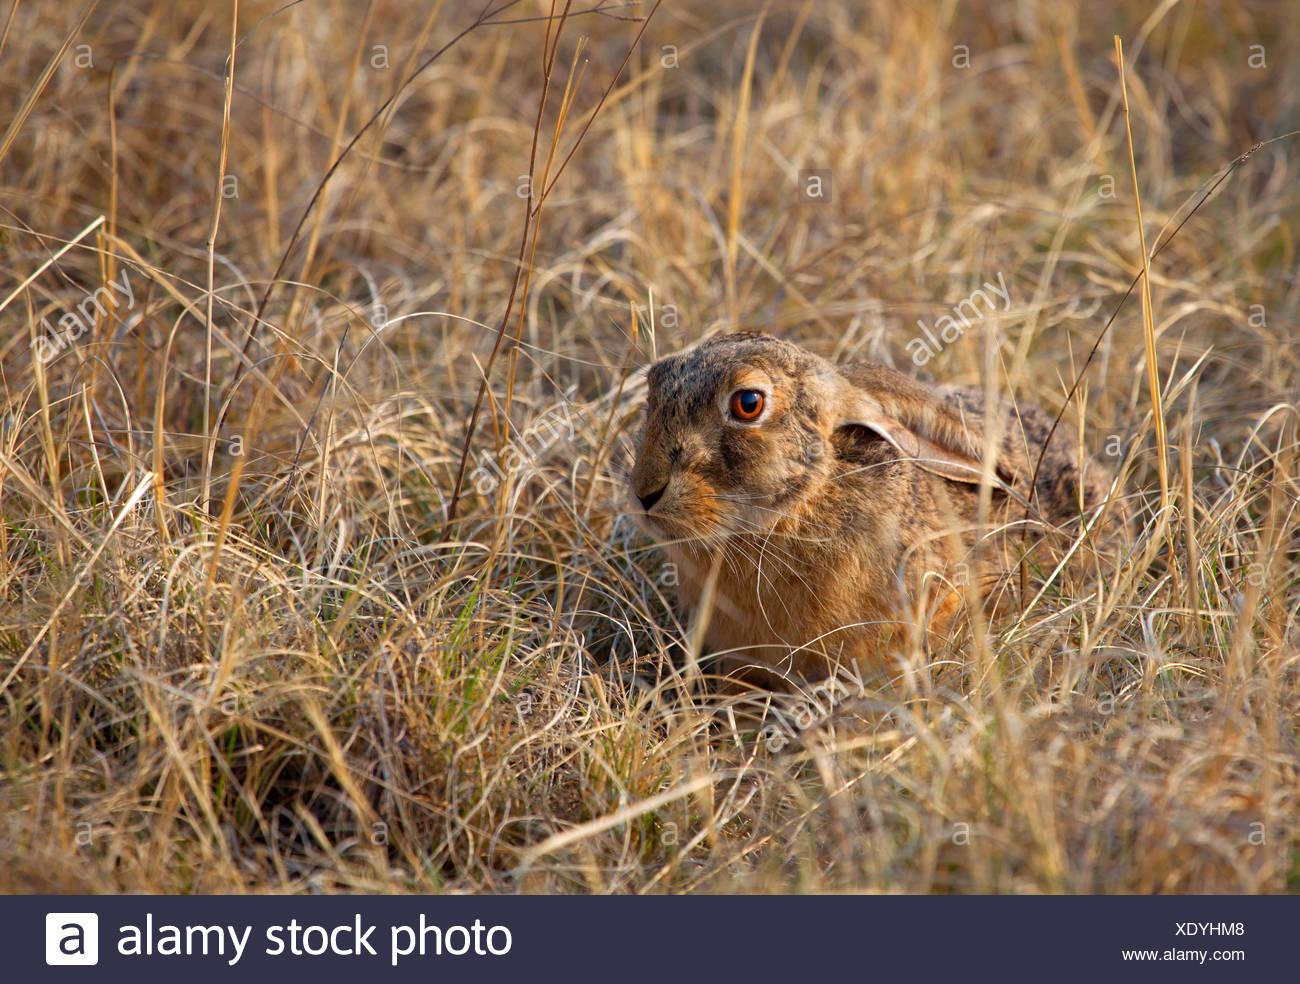 Cape hare, brown hare (Lepus capensis), bien camouflés dans de l'herbe sèche, Afrique du Sud Photo Stock